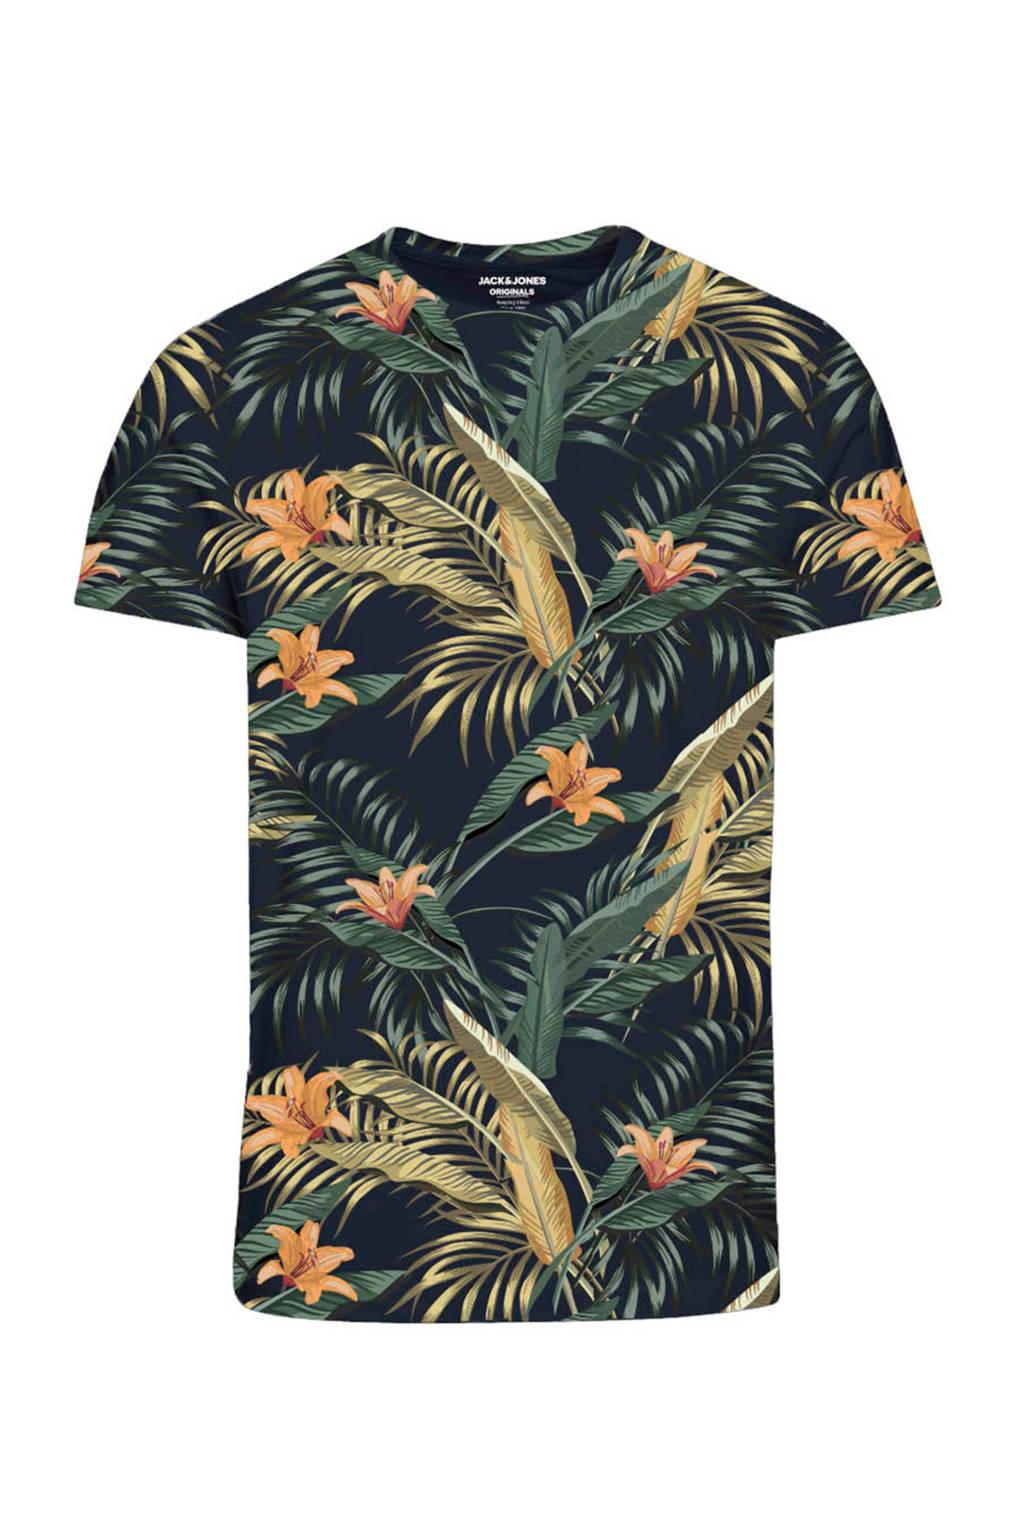 JACK & JONES ORIGINALS gebloemd T-shirt donkerblauw/geel/oranje